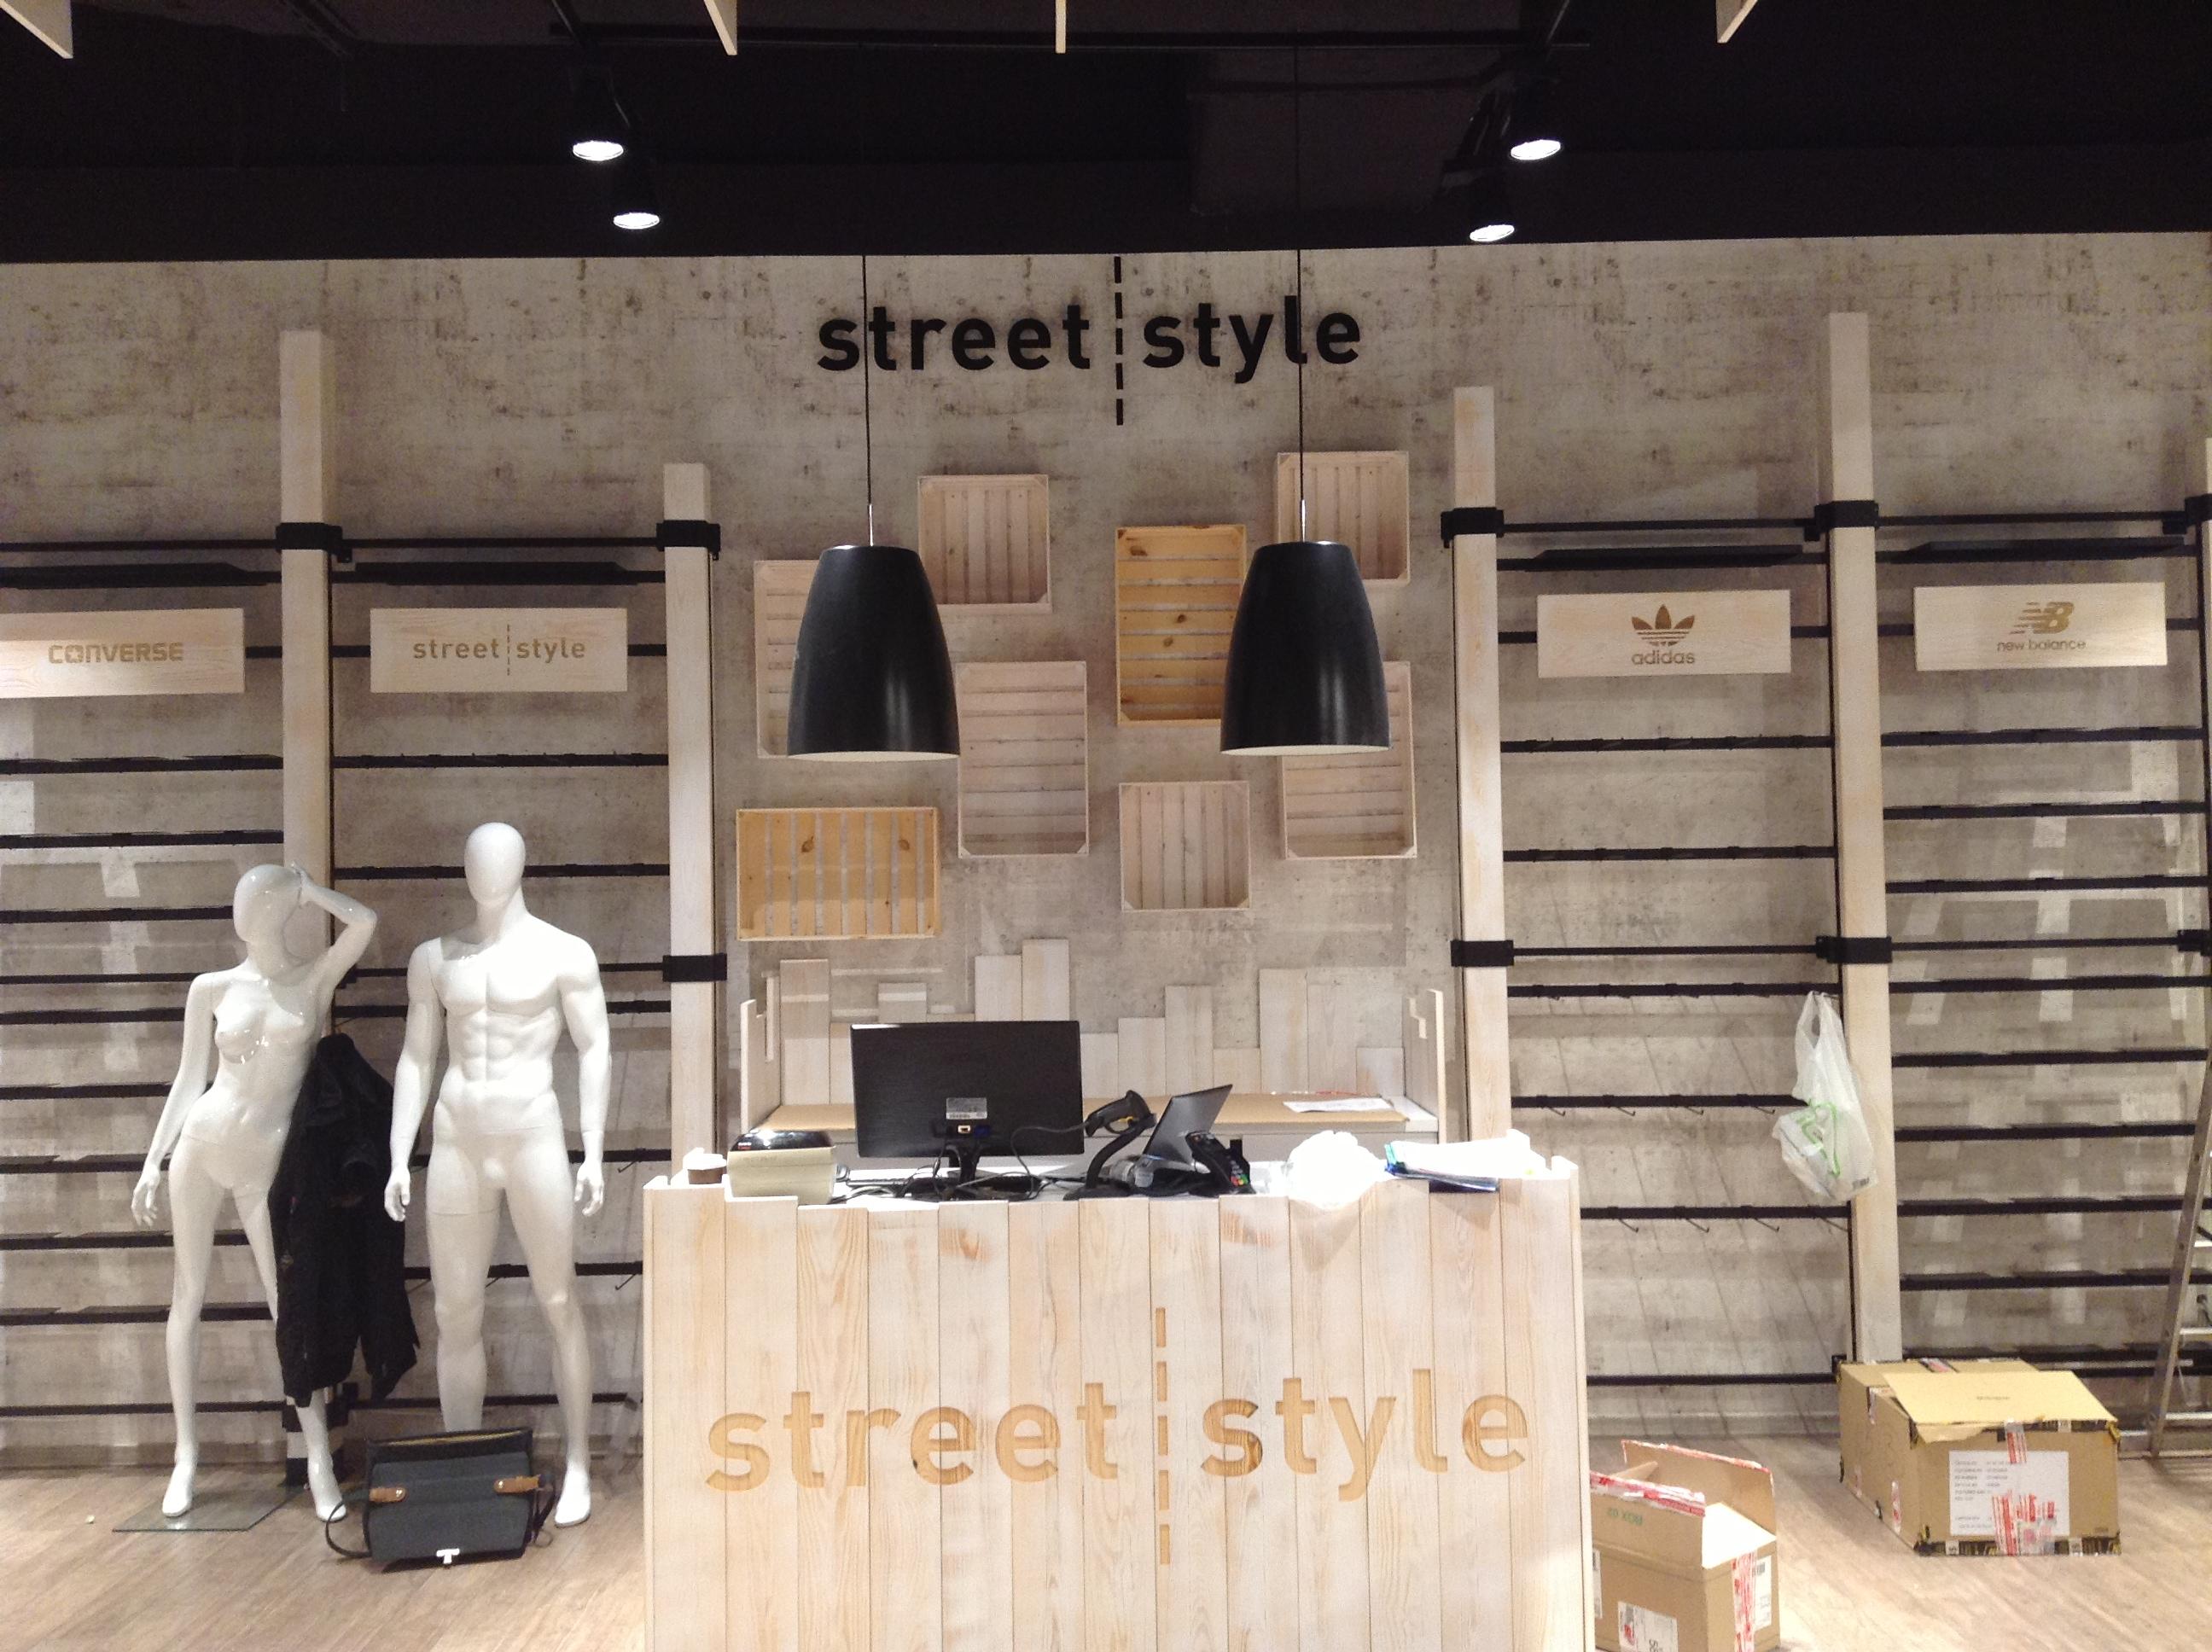 <strong>Street Style<span><b>Zobacz pełny rozmiar</b></span></strong><i>→</i>